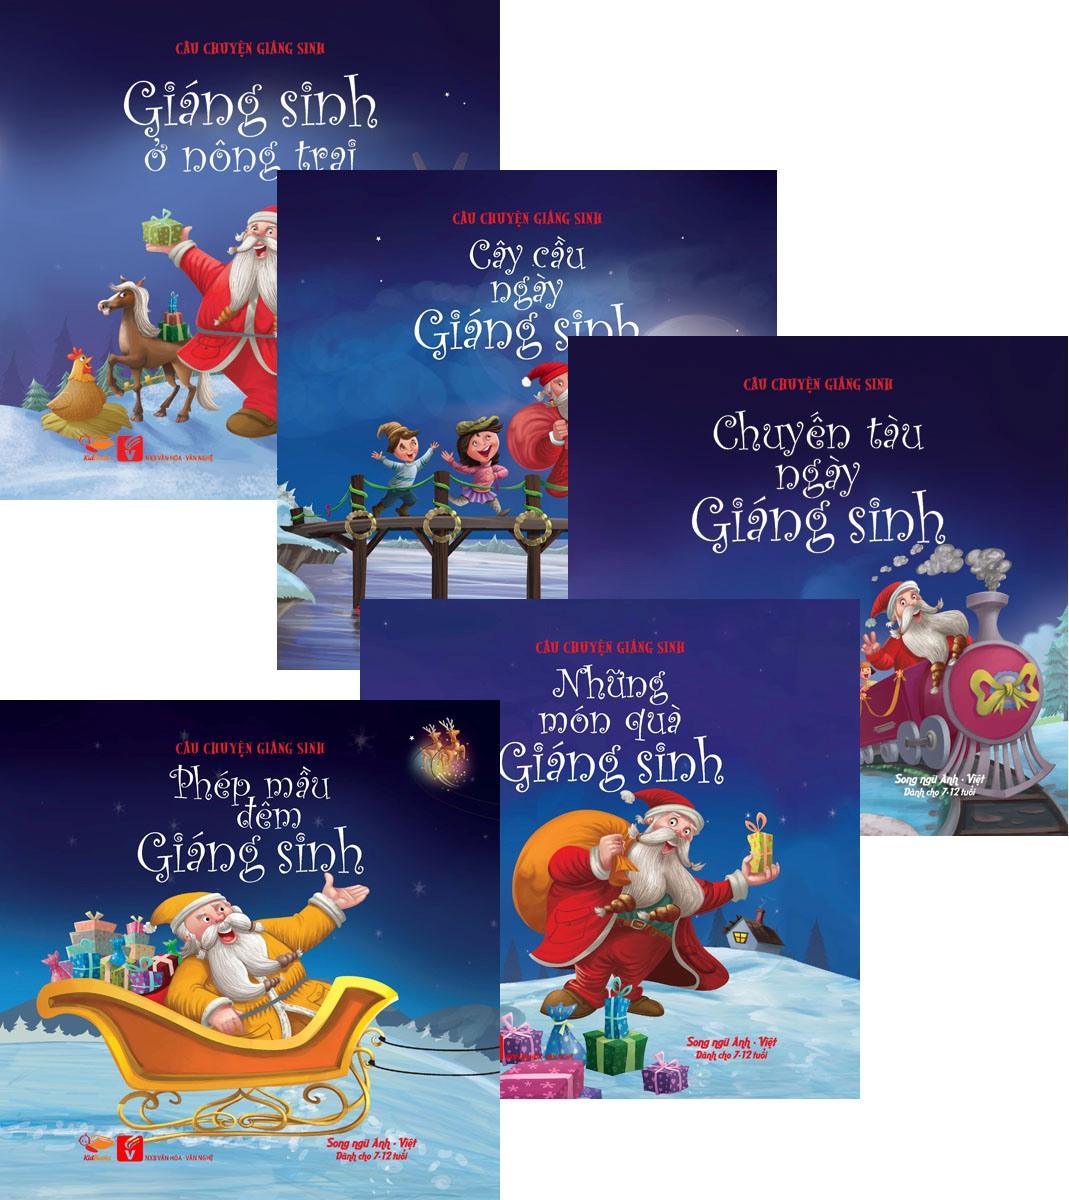 Sách Giáng sinh siêu đáng yêu cho bé (Ảnh: VinaBook)